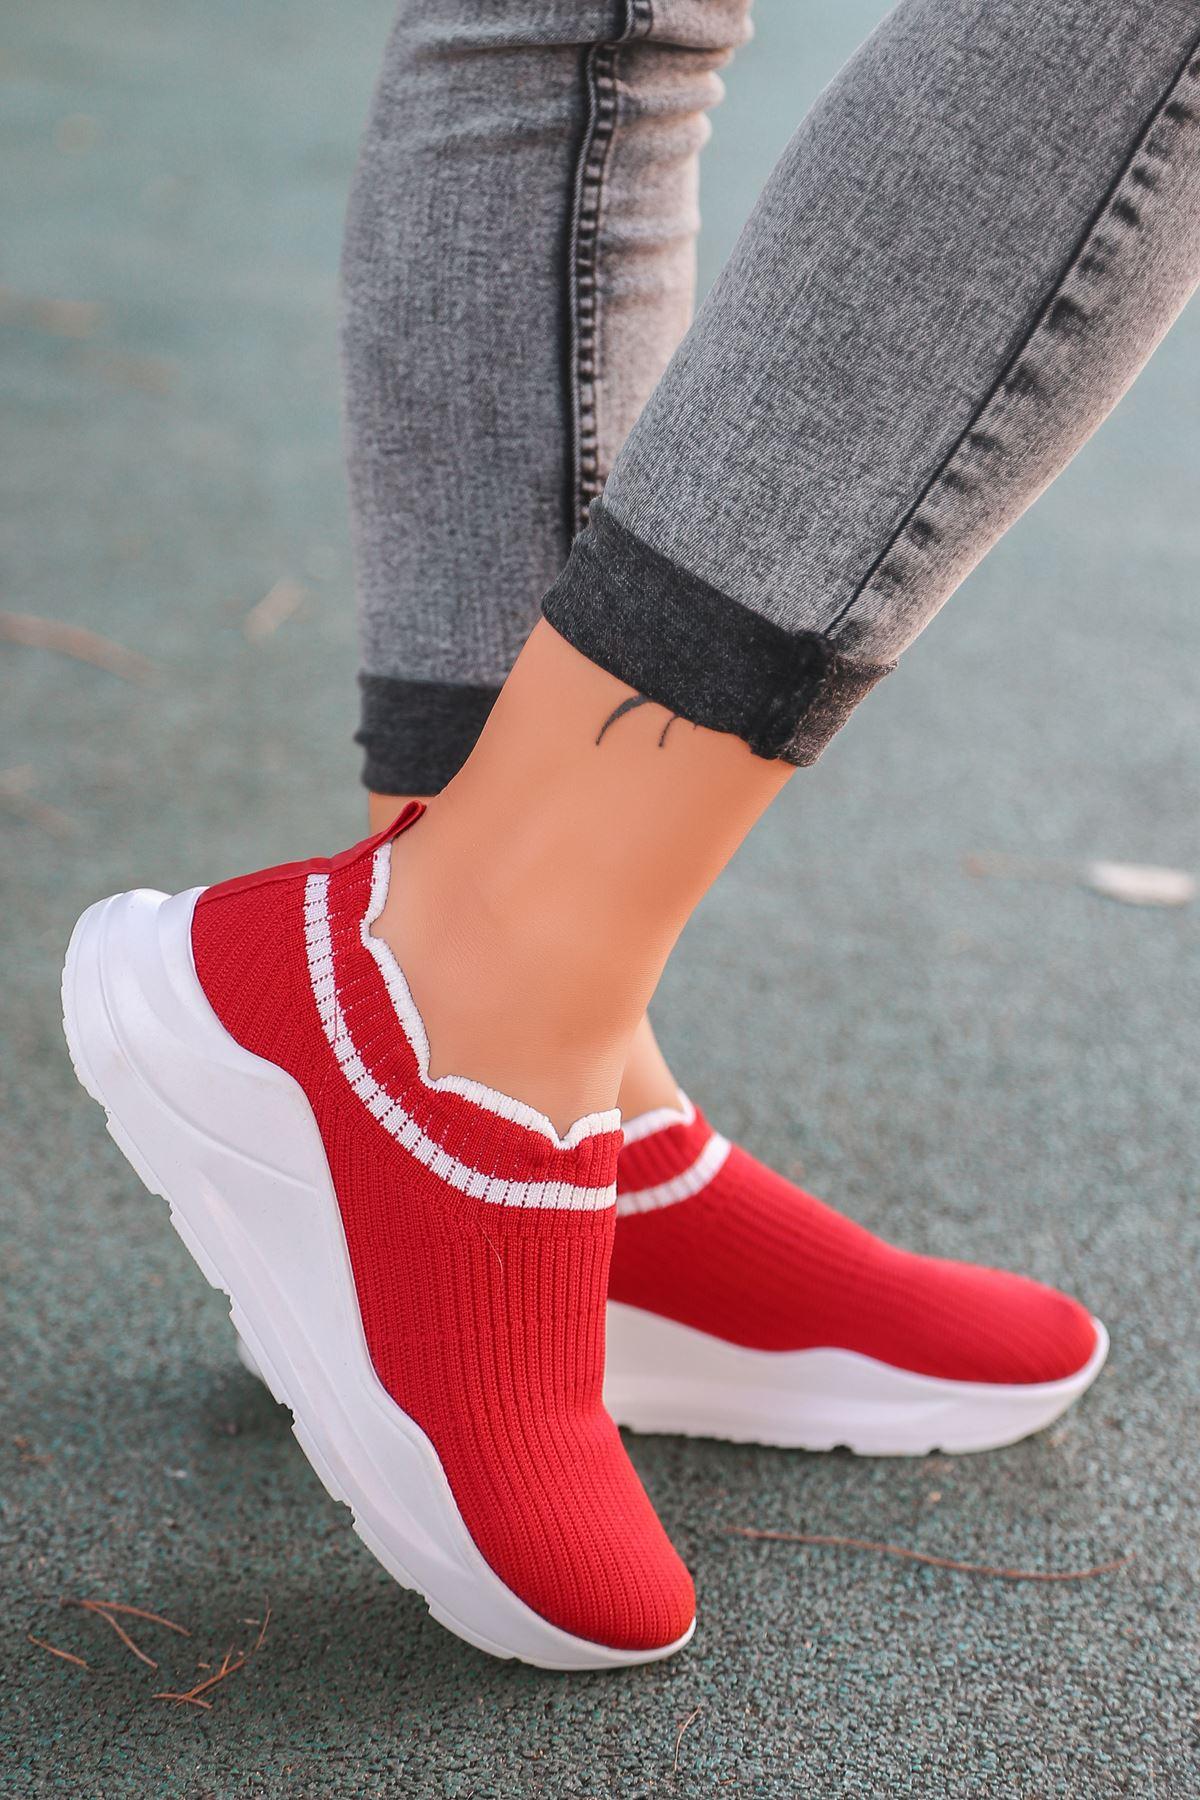 Levin Beyaz Şeritli Kırmızı Triko Kadın Spor Ayakkabı